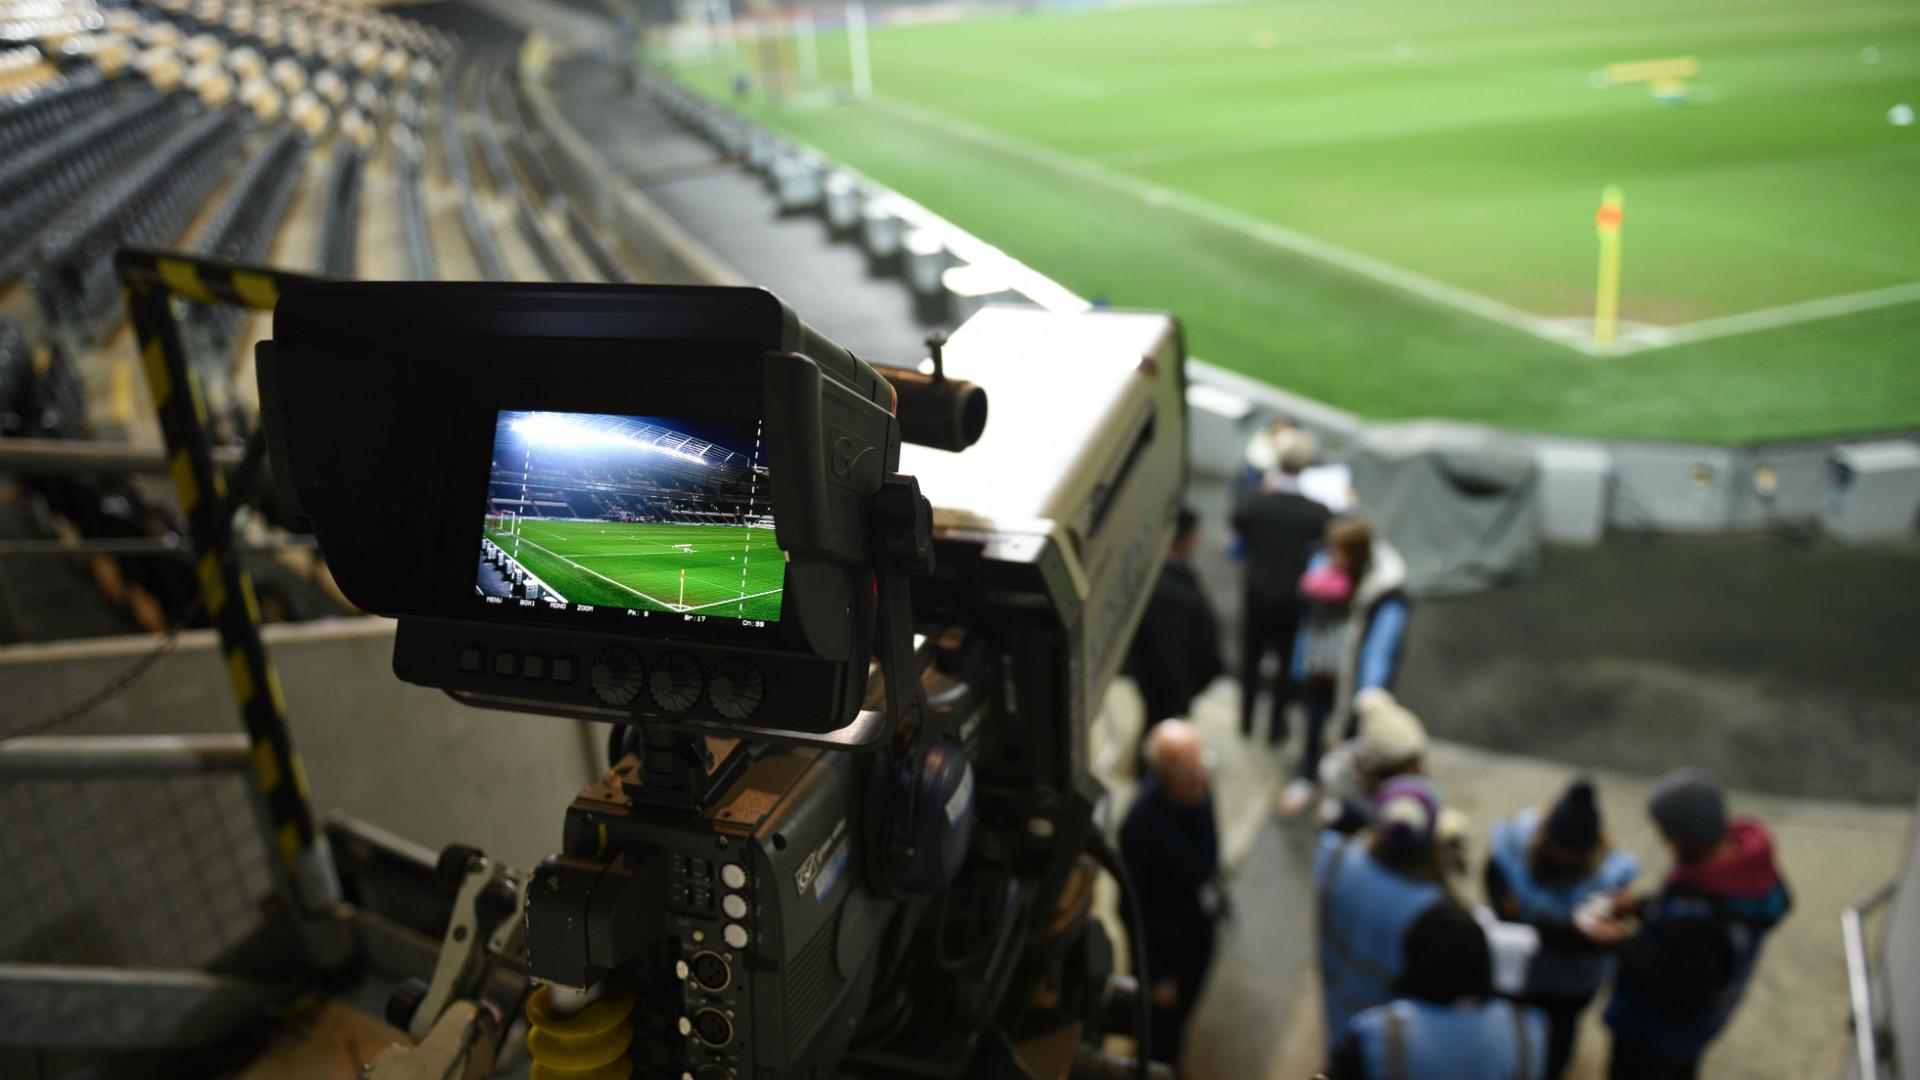 Diritti TV: Ecco la nuova ripartizione. Sky e Mediaset verranno multate di 30 milioni. Il motivo…